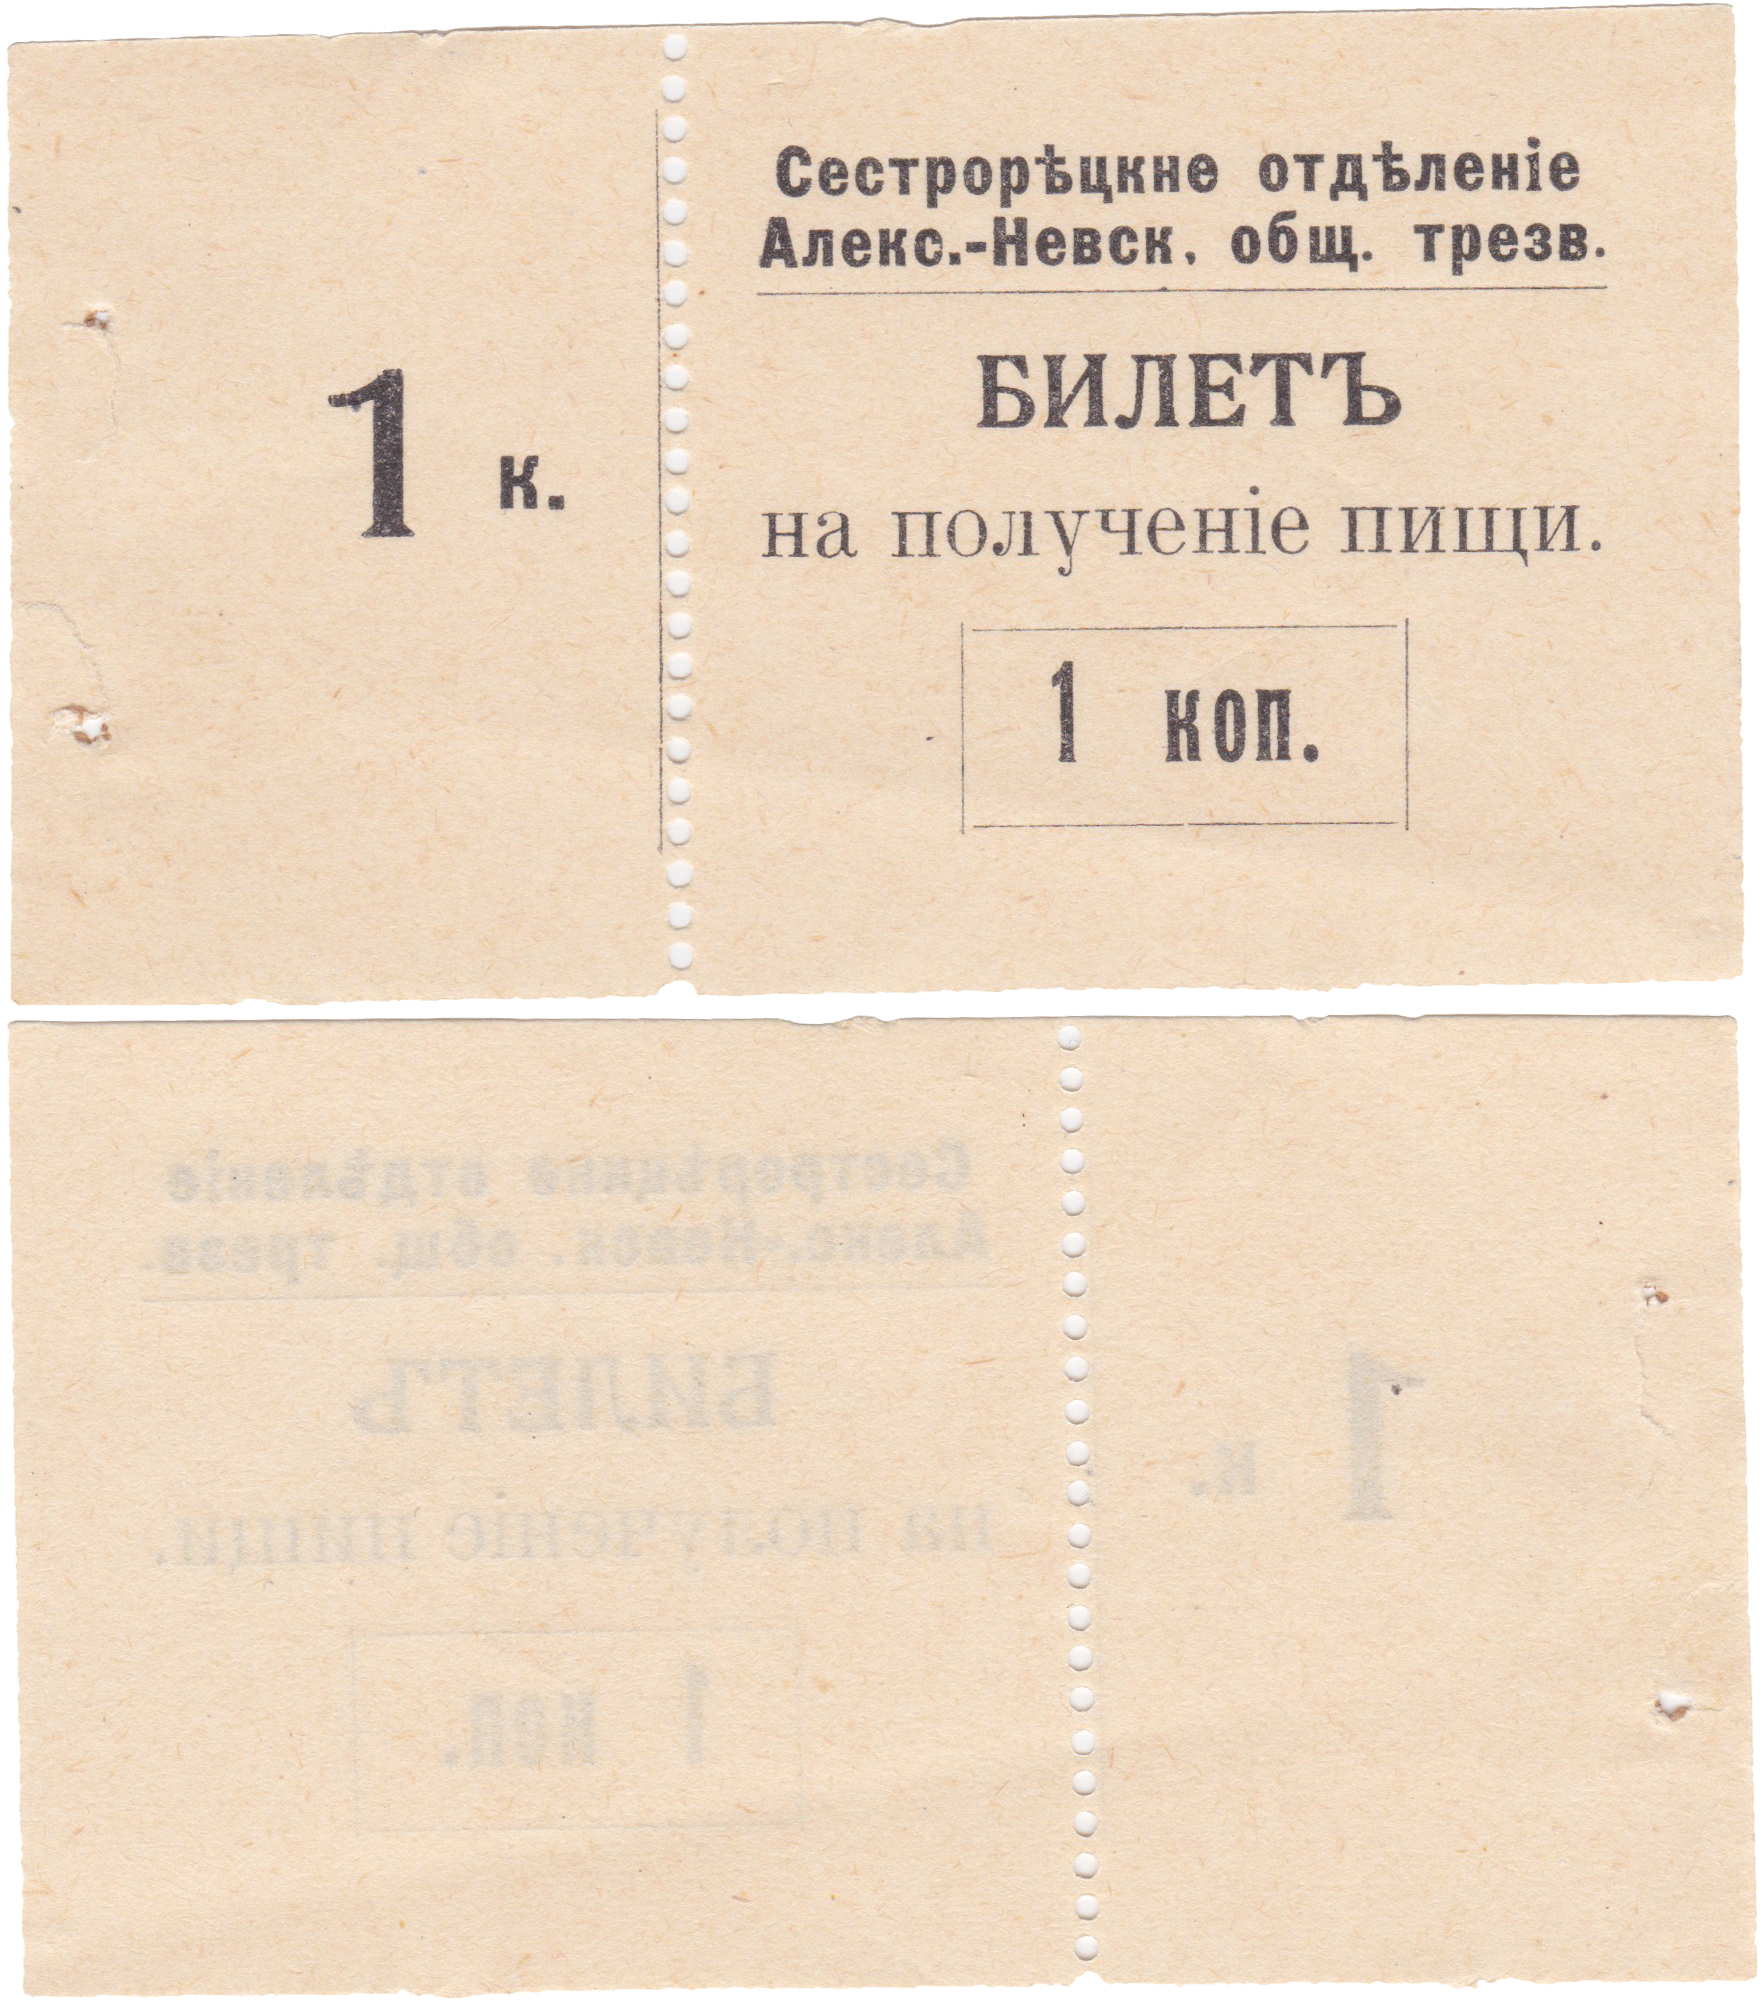 Билет на получение пищи 1 Копейка 1906 год. Сестрорецкое отделение Александро-Невского общества трезвости